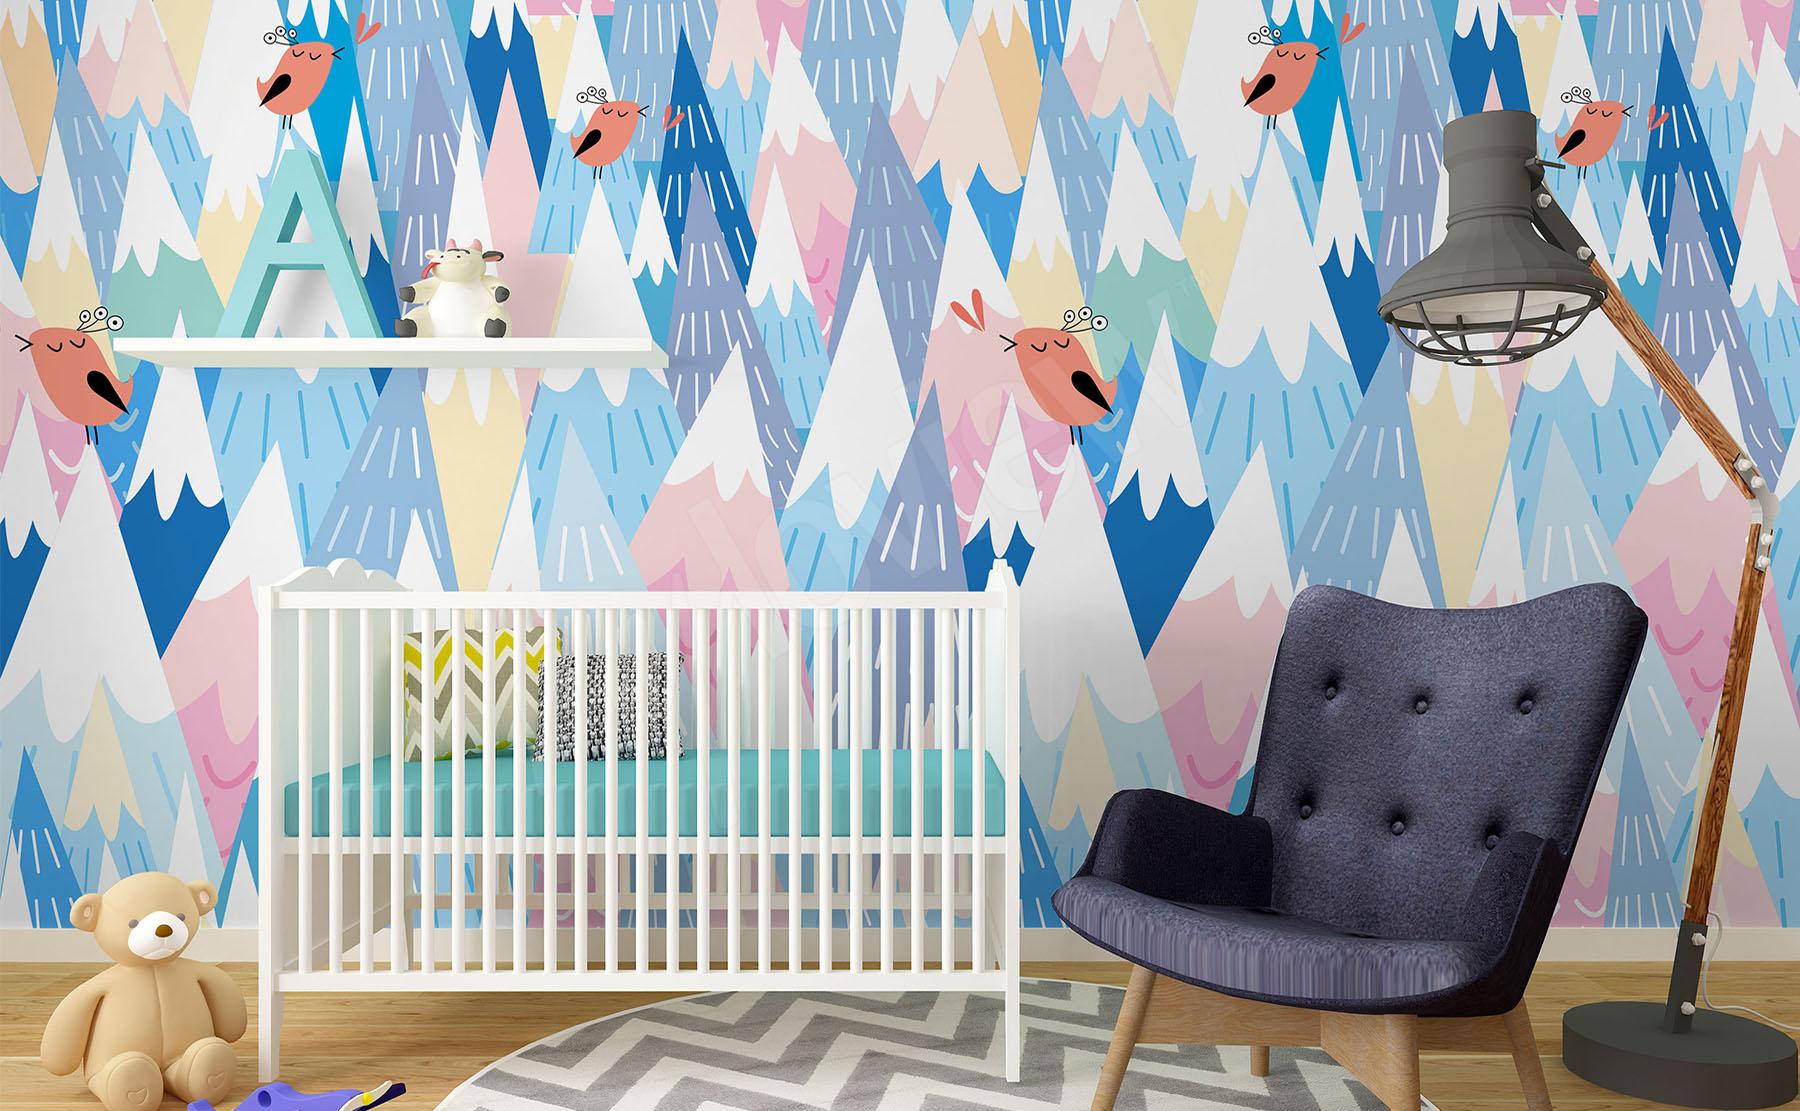 Zum Produkt · Fototapeten Pastell Für Kinderzimmer